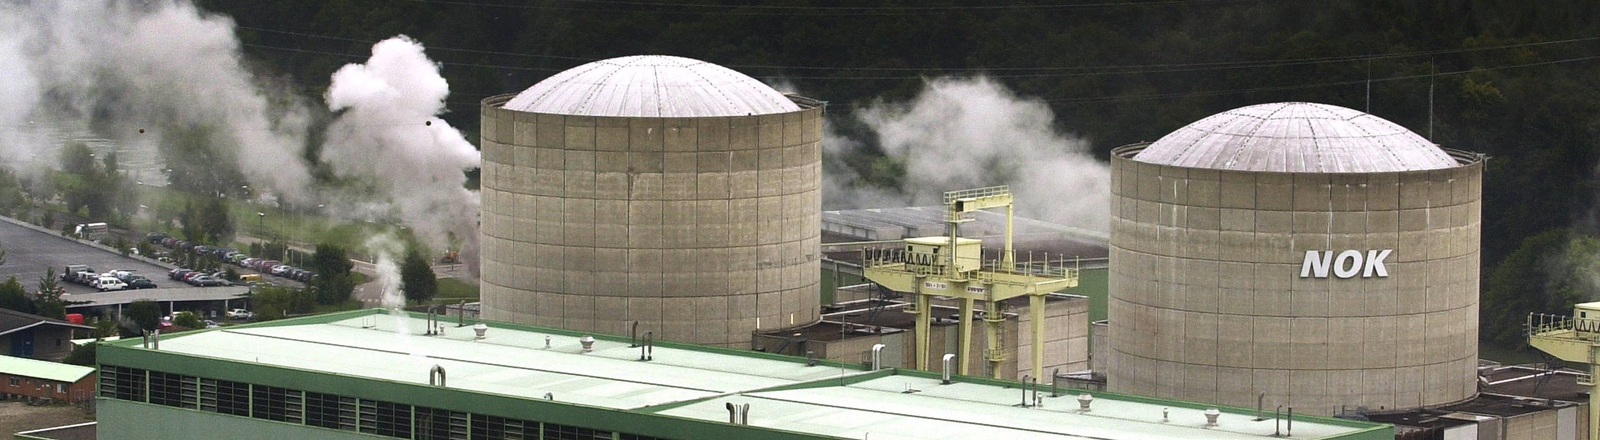 Blick auf die Reaktorblöcke des weltweit ältesten Kernkraftwerks Beznau.